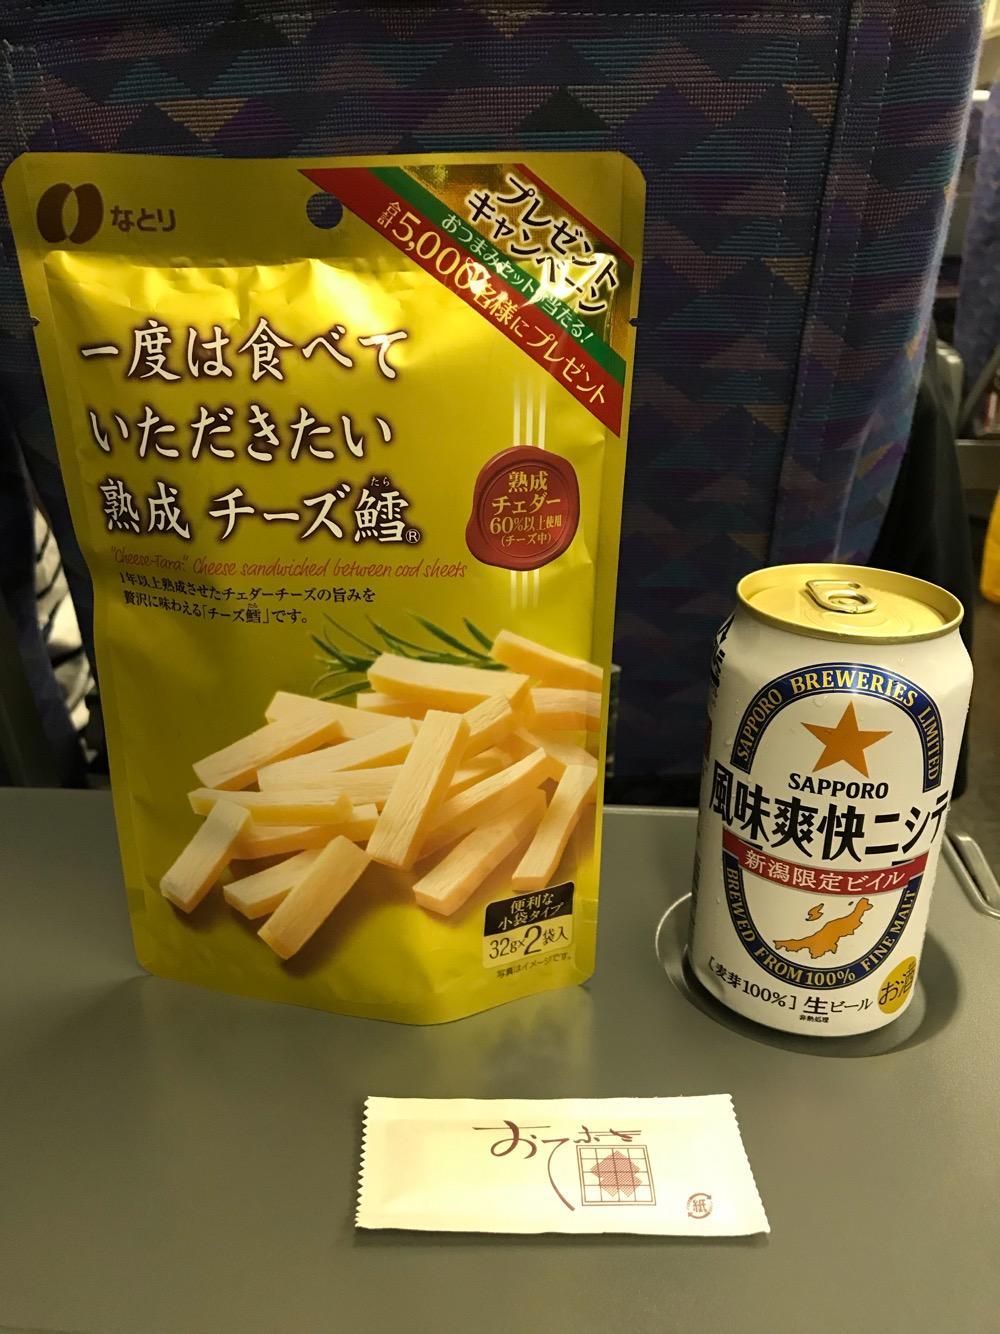 なとり「一度は食べていただきたい熟成チーズ鱈(たら)」とサッポロビール「新潟限定ビイル 風味爽快ニシテ」